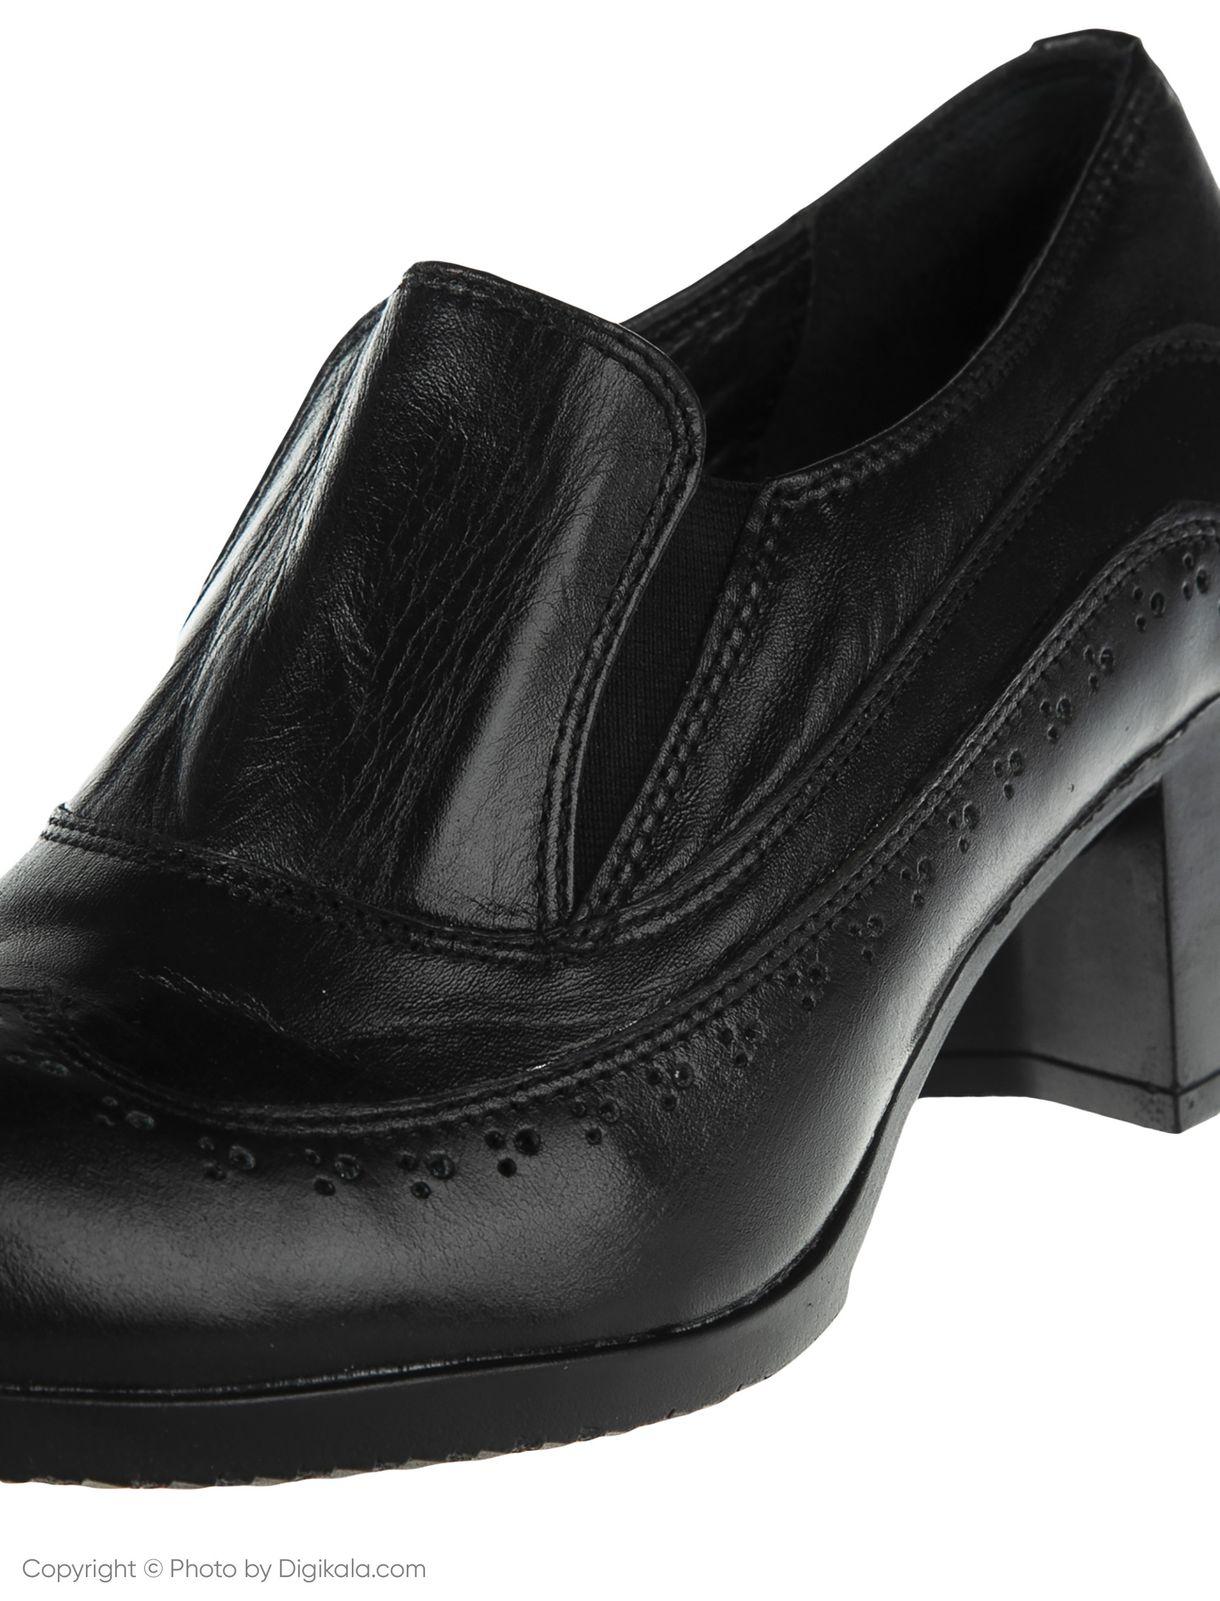 کفش زنانه بلوط مدل BT5144B-101 main 1 6